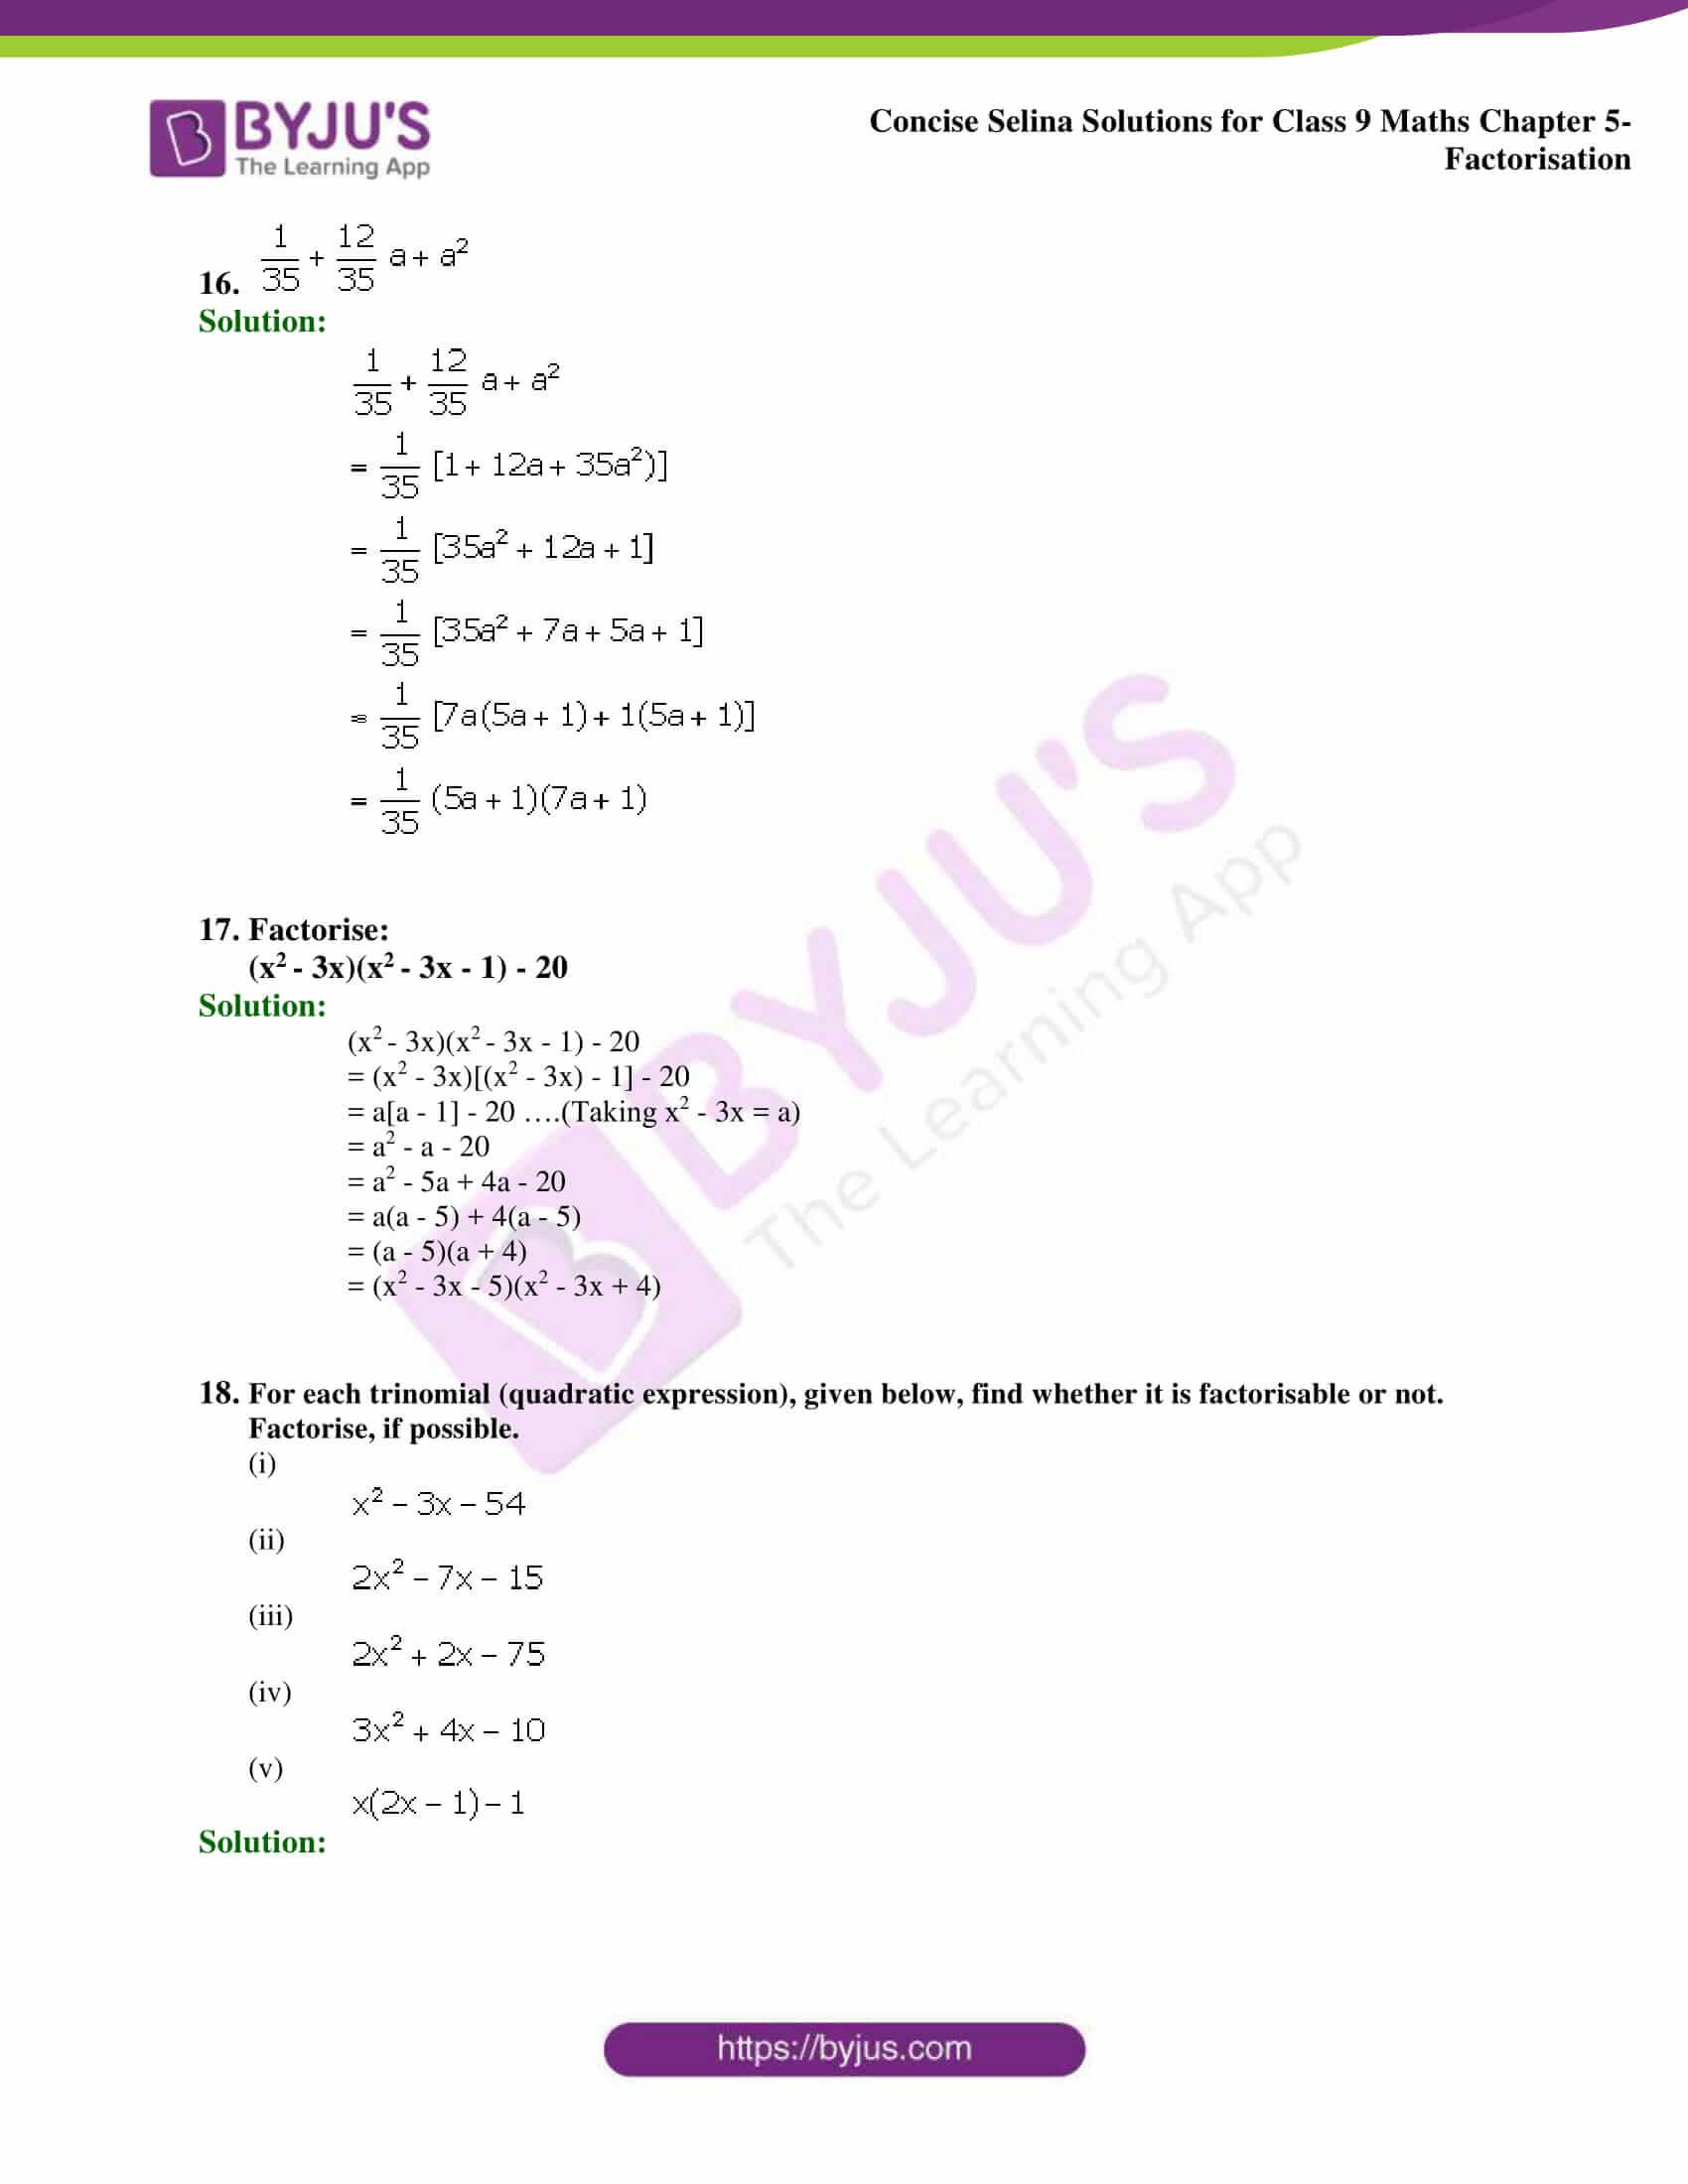 Selina Solutions Class 9 Maths Chapter 5 Factorisation part 09